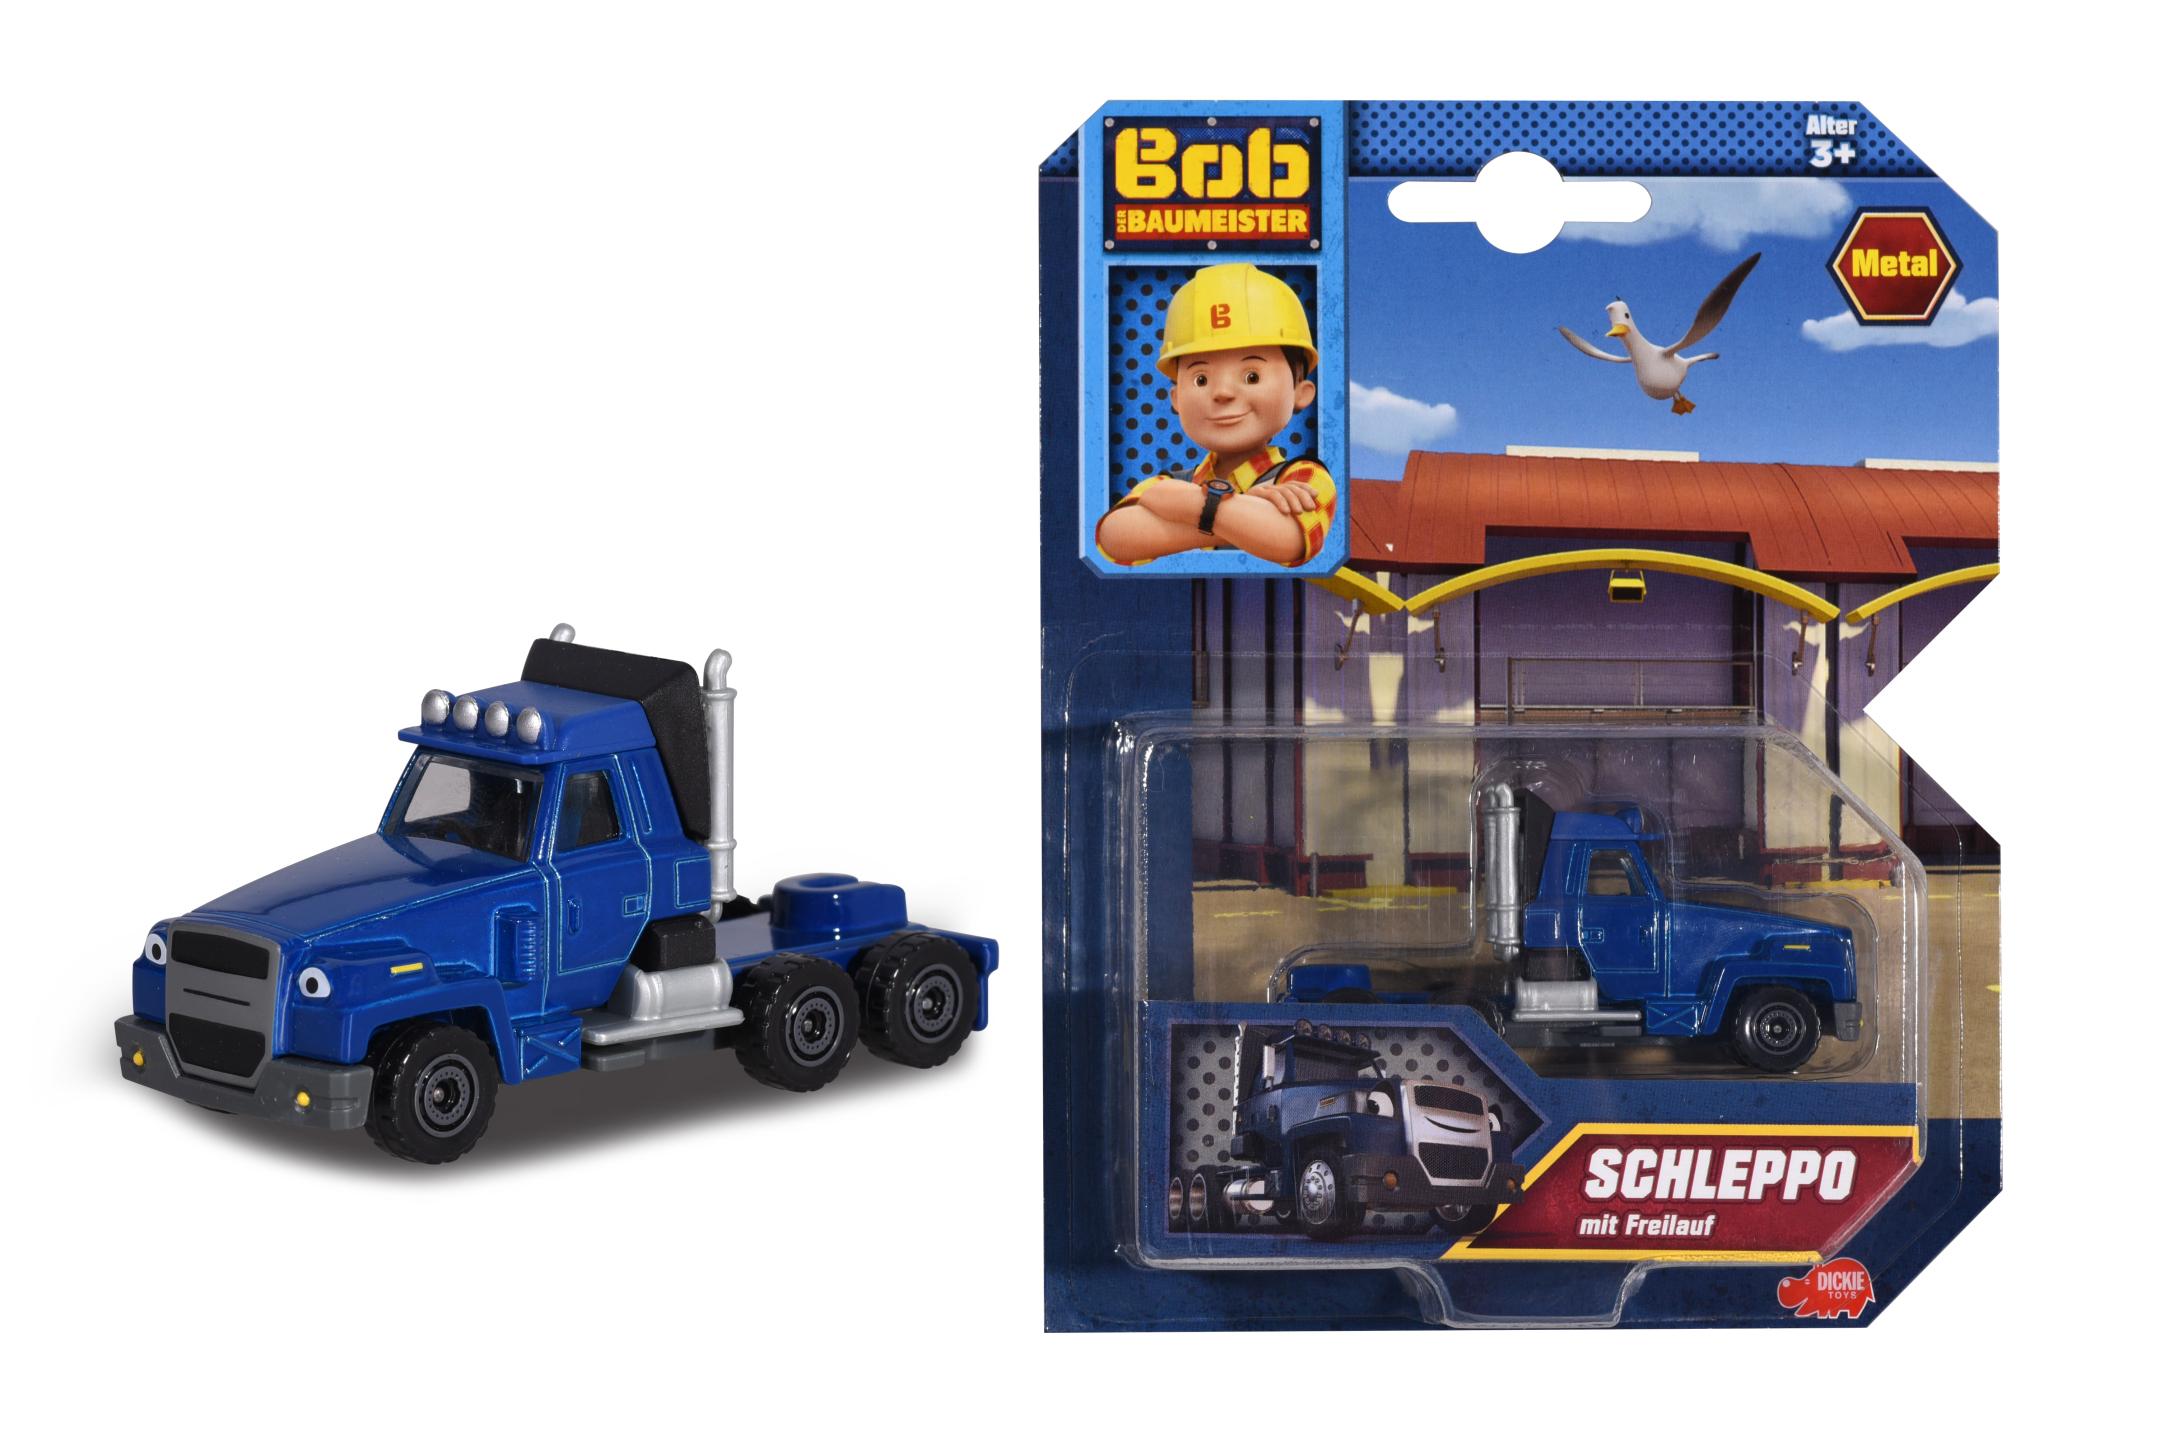 Bob der Baumeister Schleppo